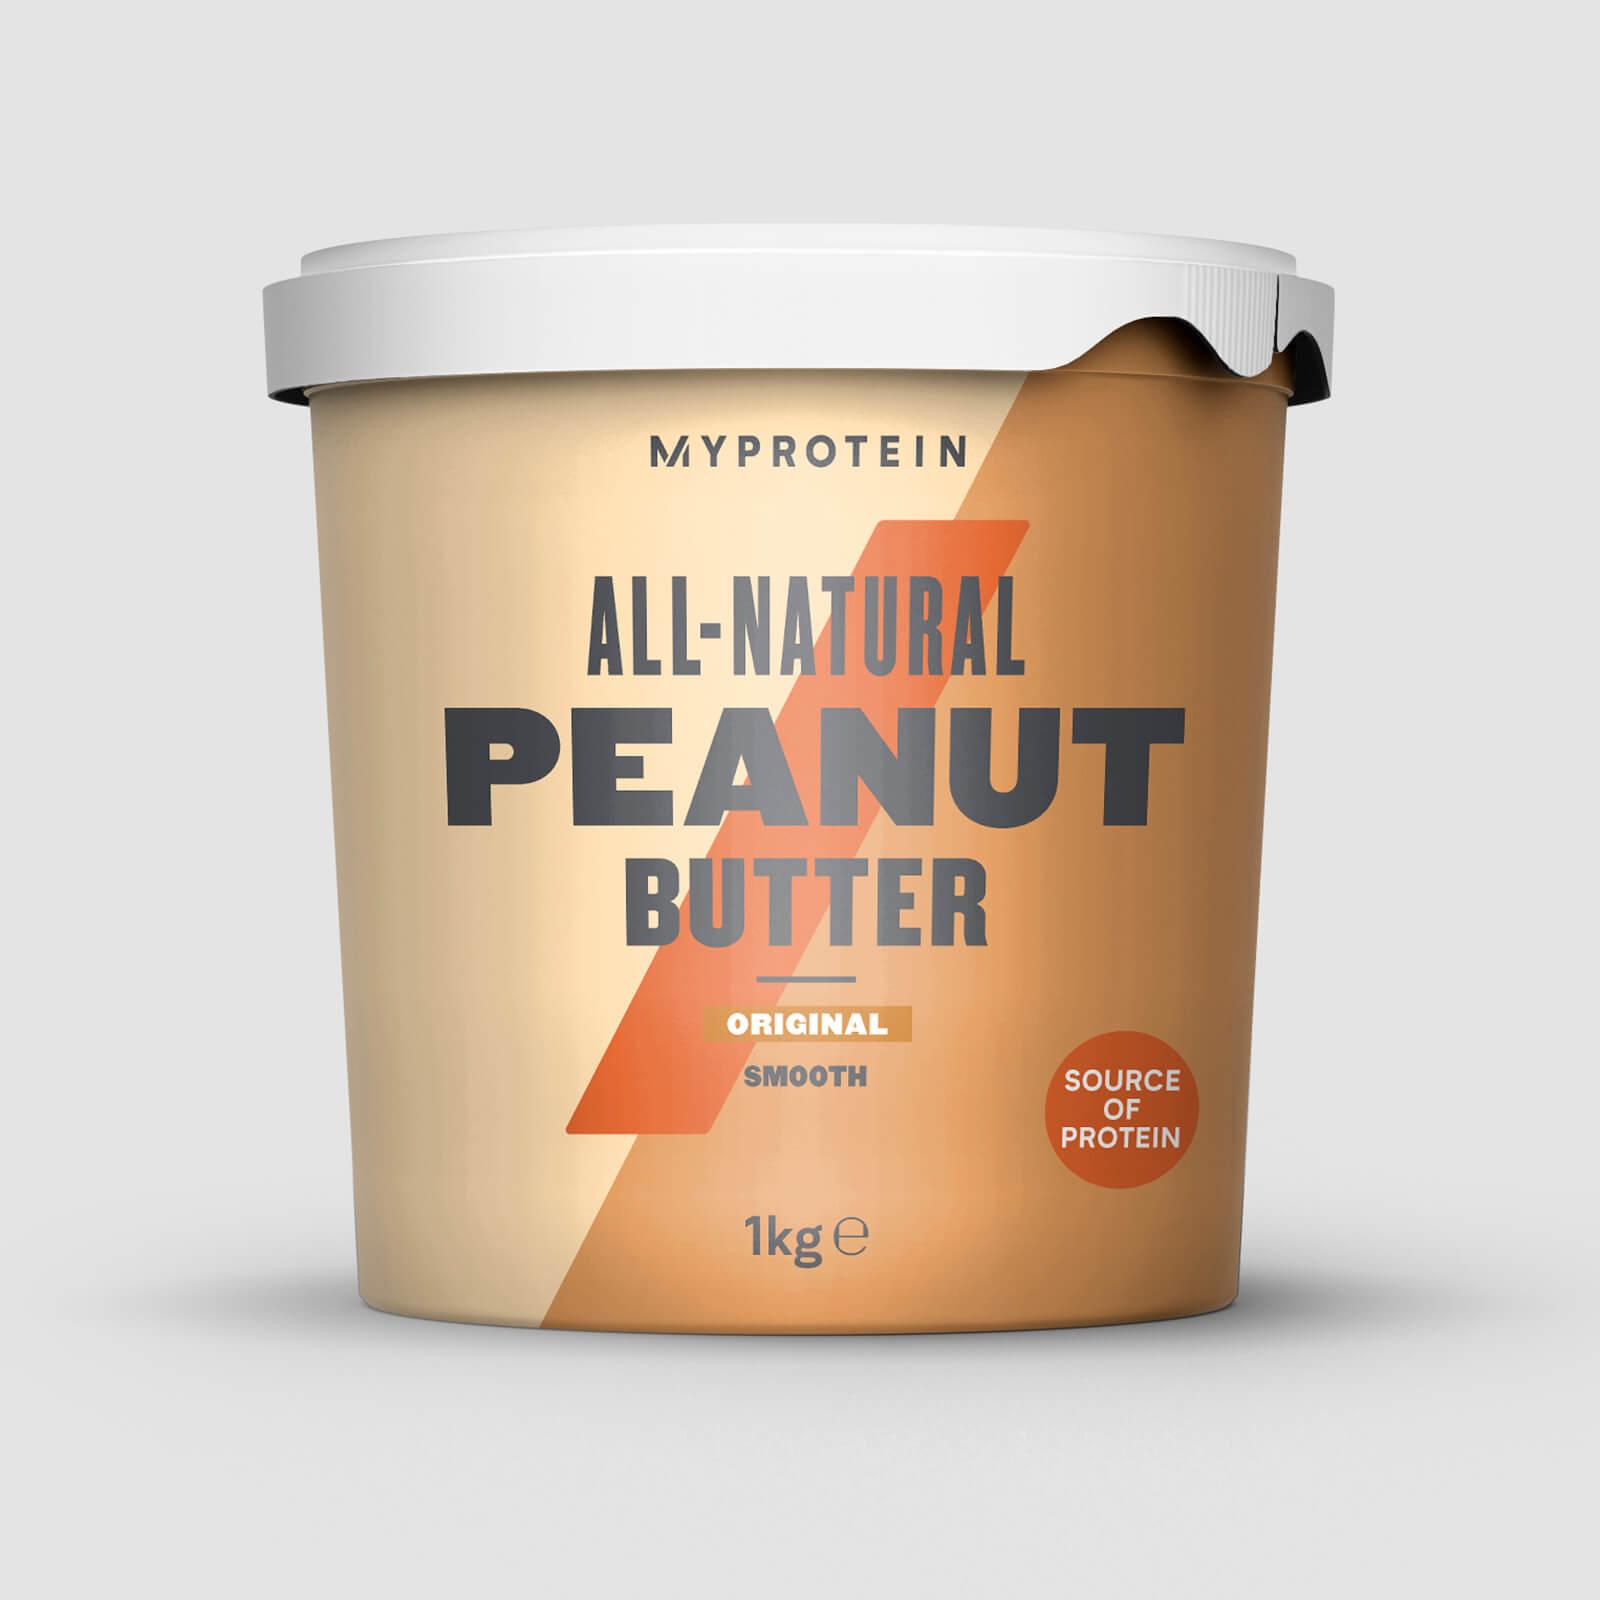 3kg Erdnussbutter (cremig) für 12,99€ inkl. Versand (4,33€/kg) nach Anmeldung für den Myprotein-Newsletter